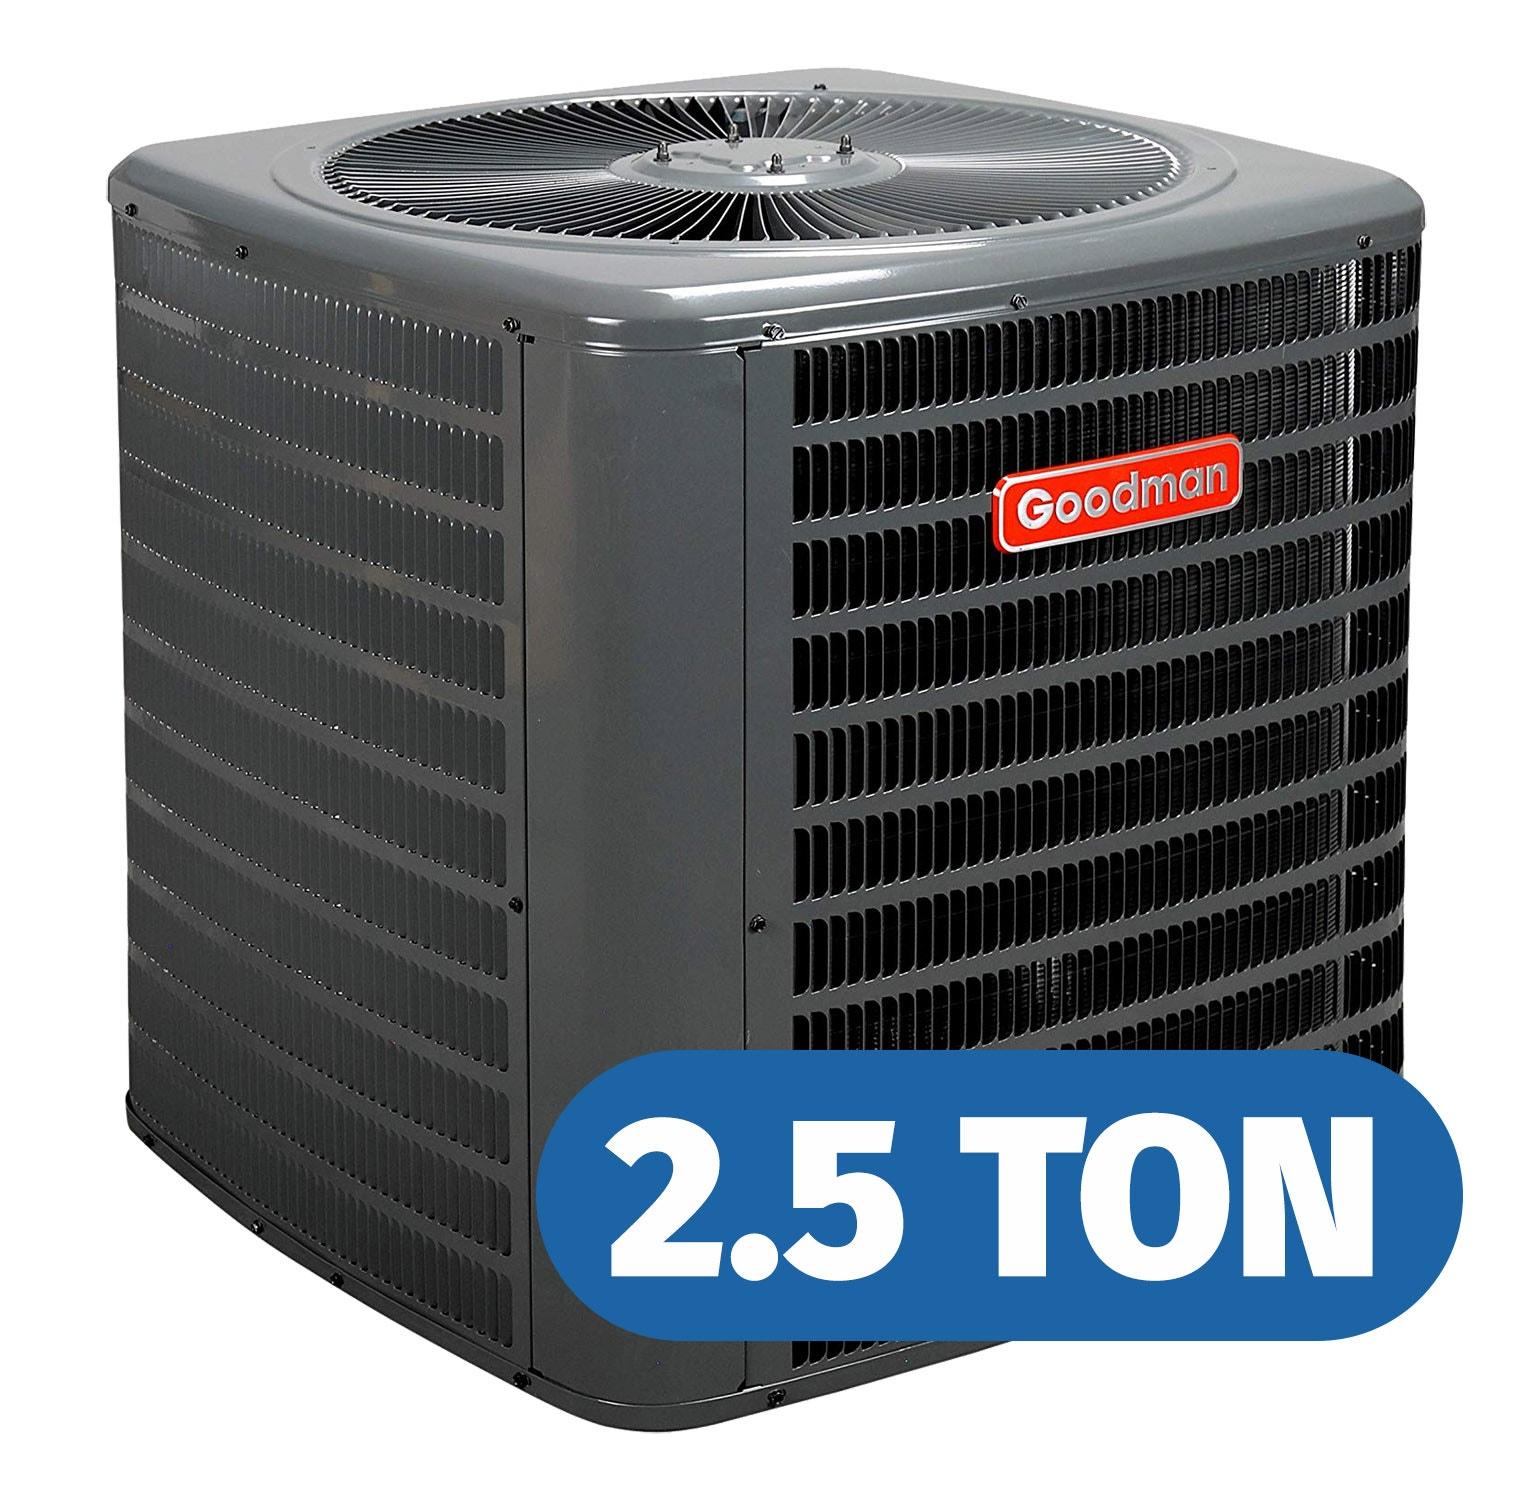 2.5 Ton Heat Pumps